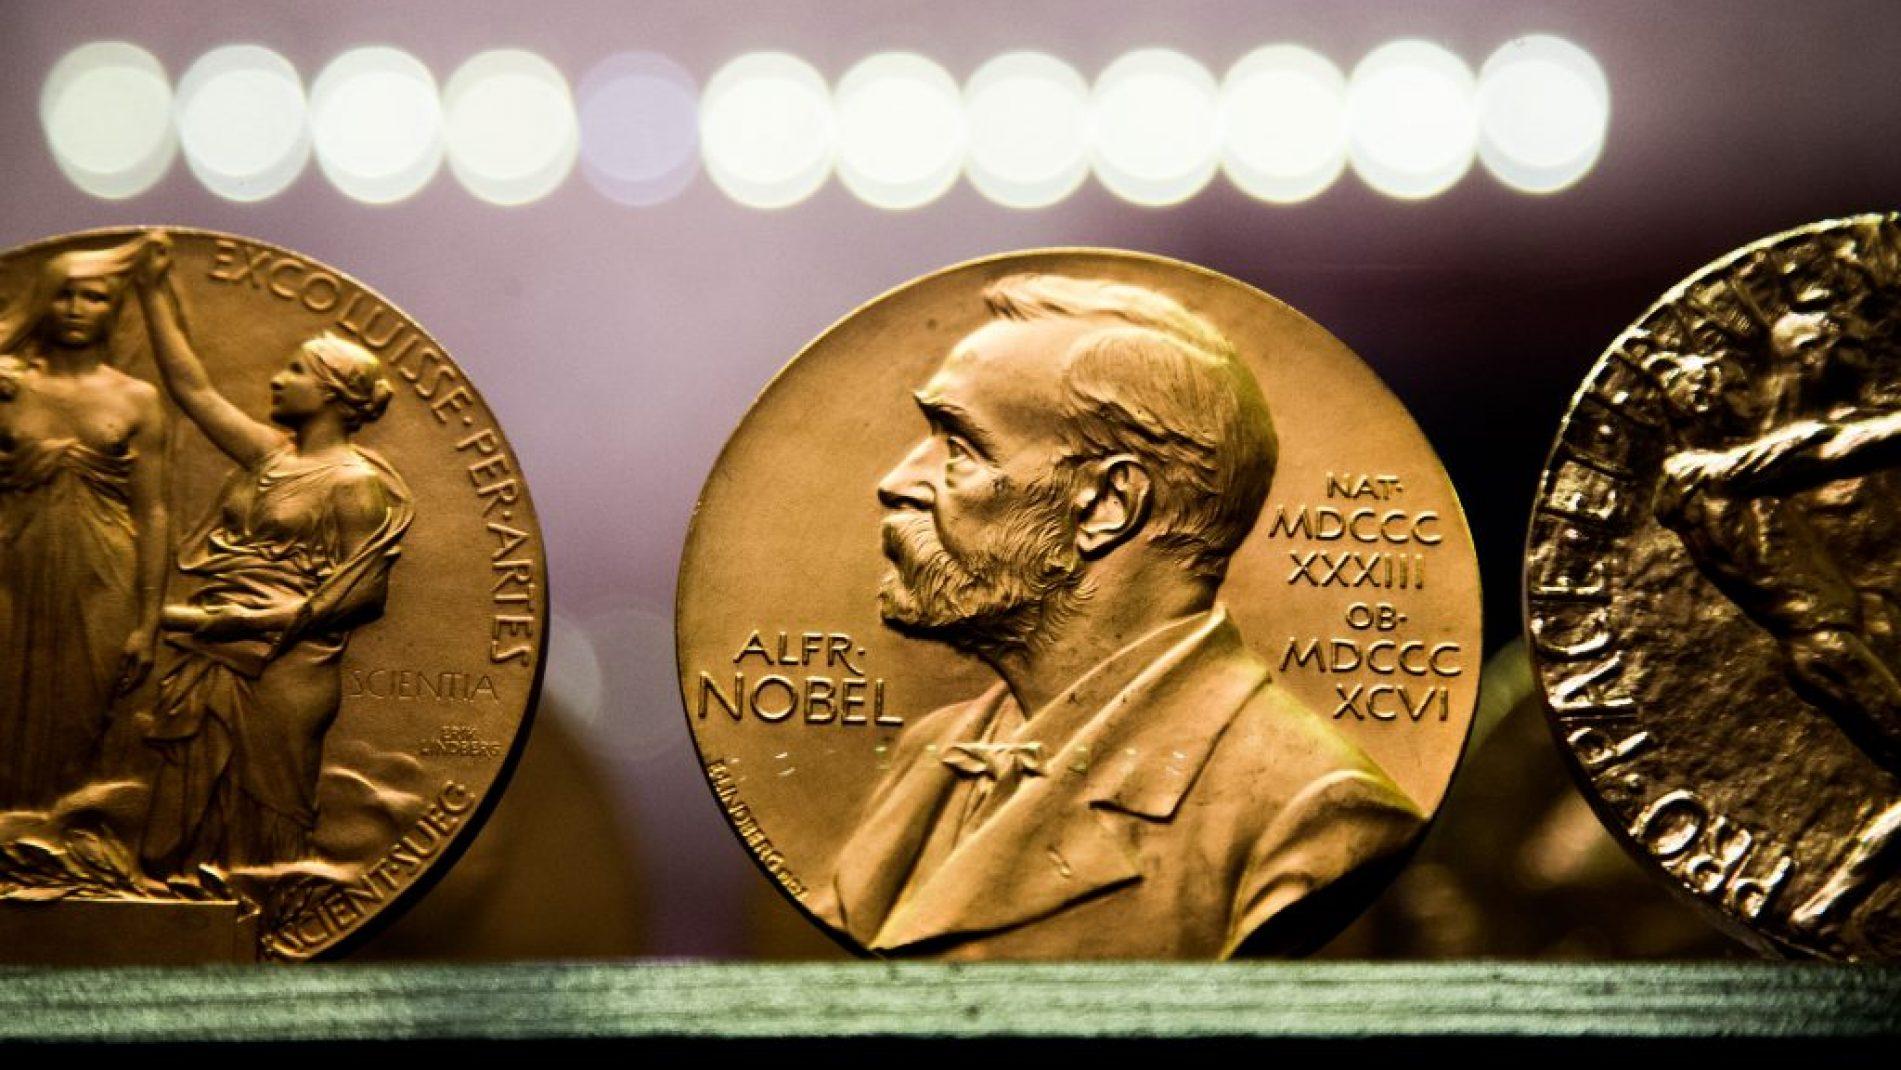 Björkborn,,Karlskoga,2017-03-14:,Copy,Of,Nobel,Medals,At,Björkborn's,Mansion.